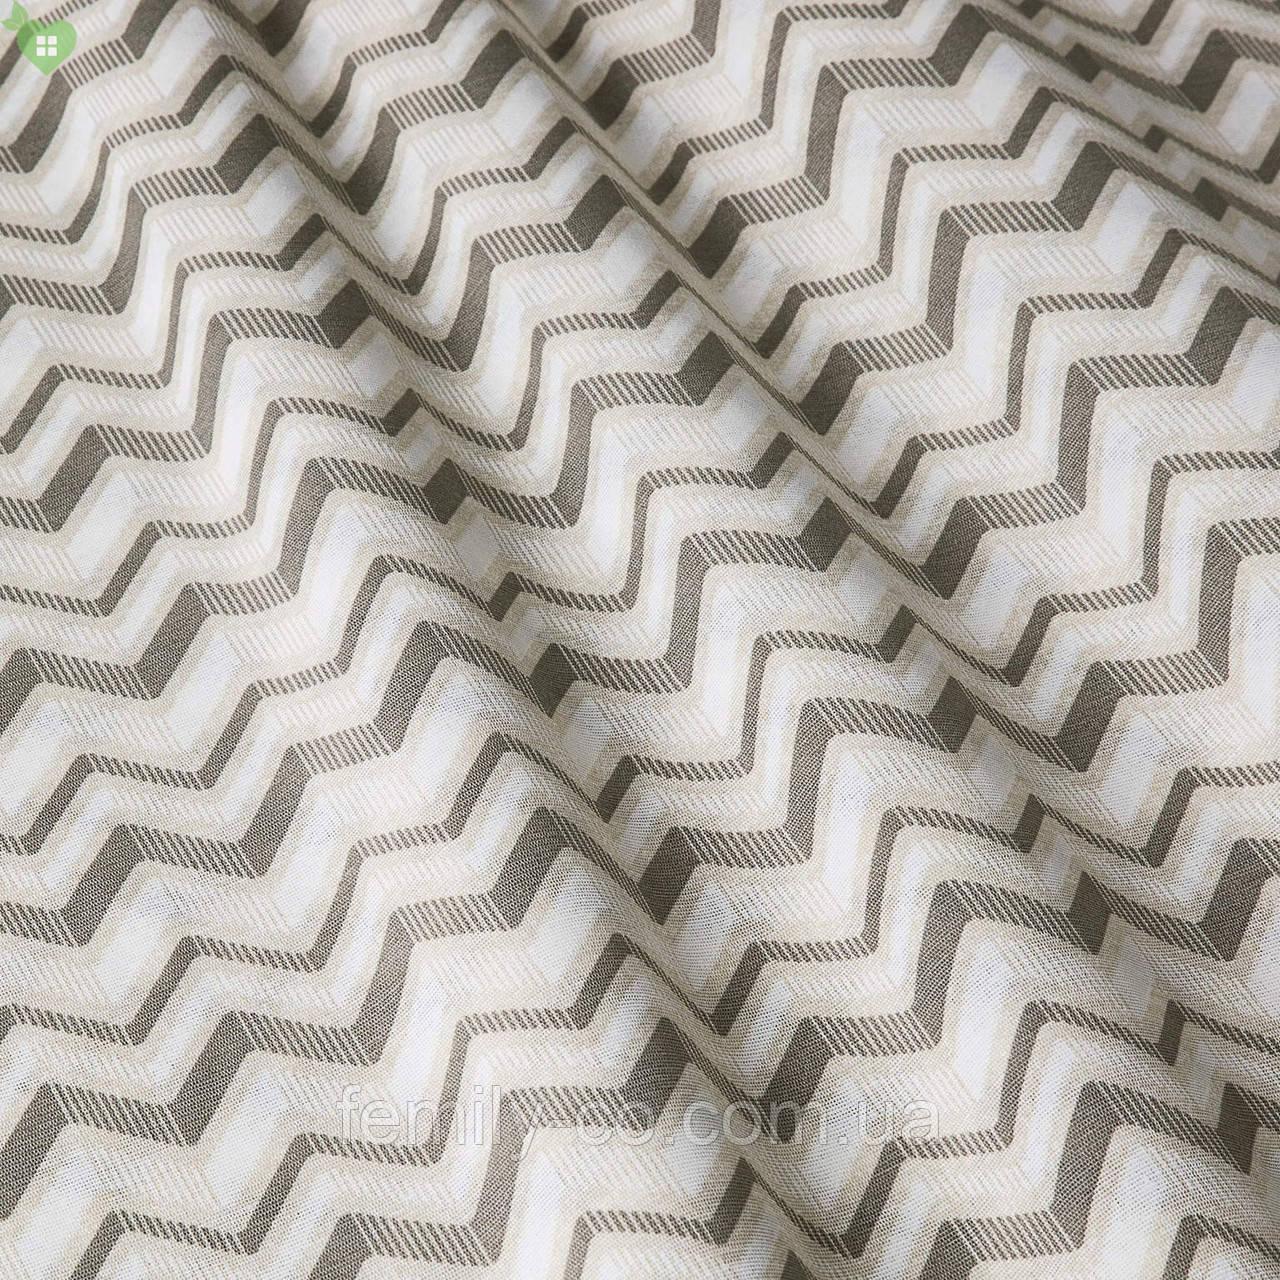 Декоративная ткань мелкий зигзаг коричневый с белым на льне 280см 83363v1